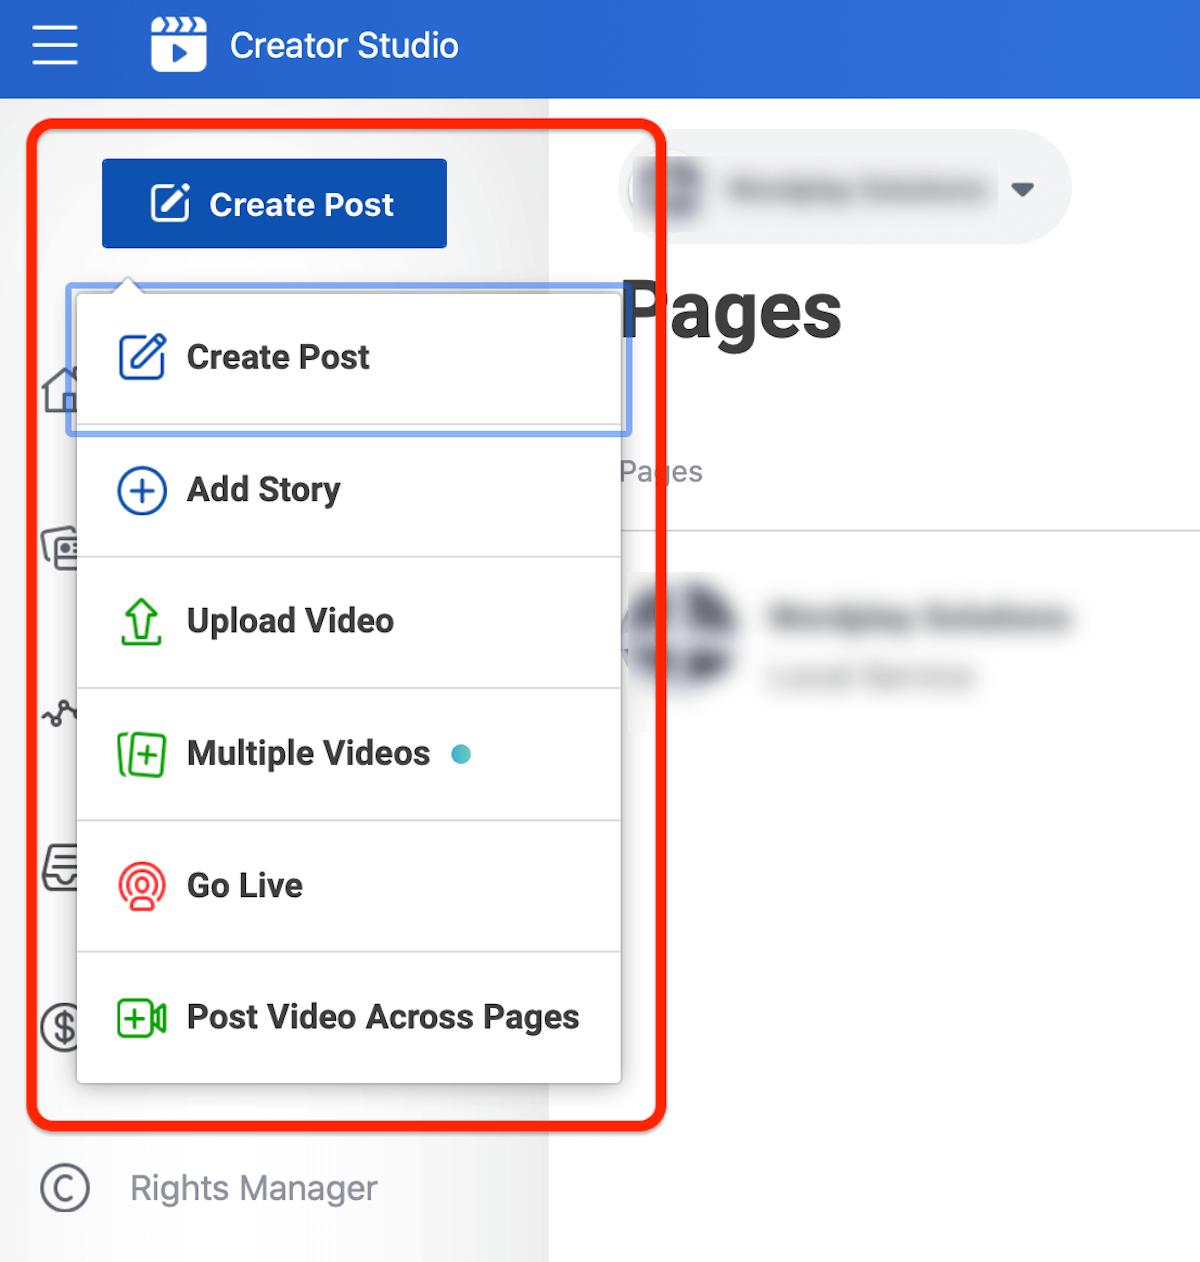 Kalendar u Creator studiju – Upravljanje Instagram profilom